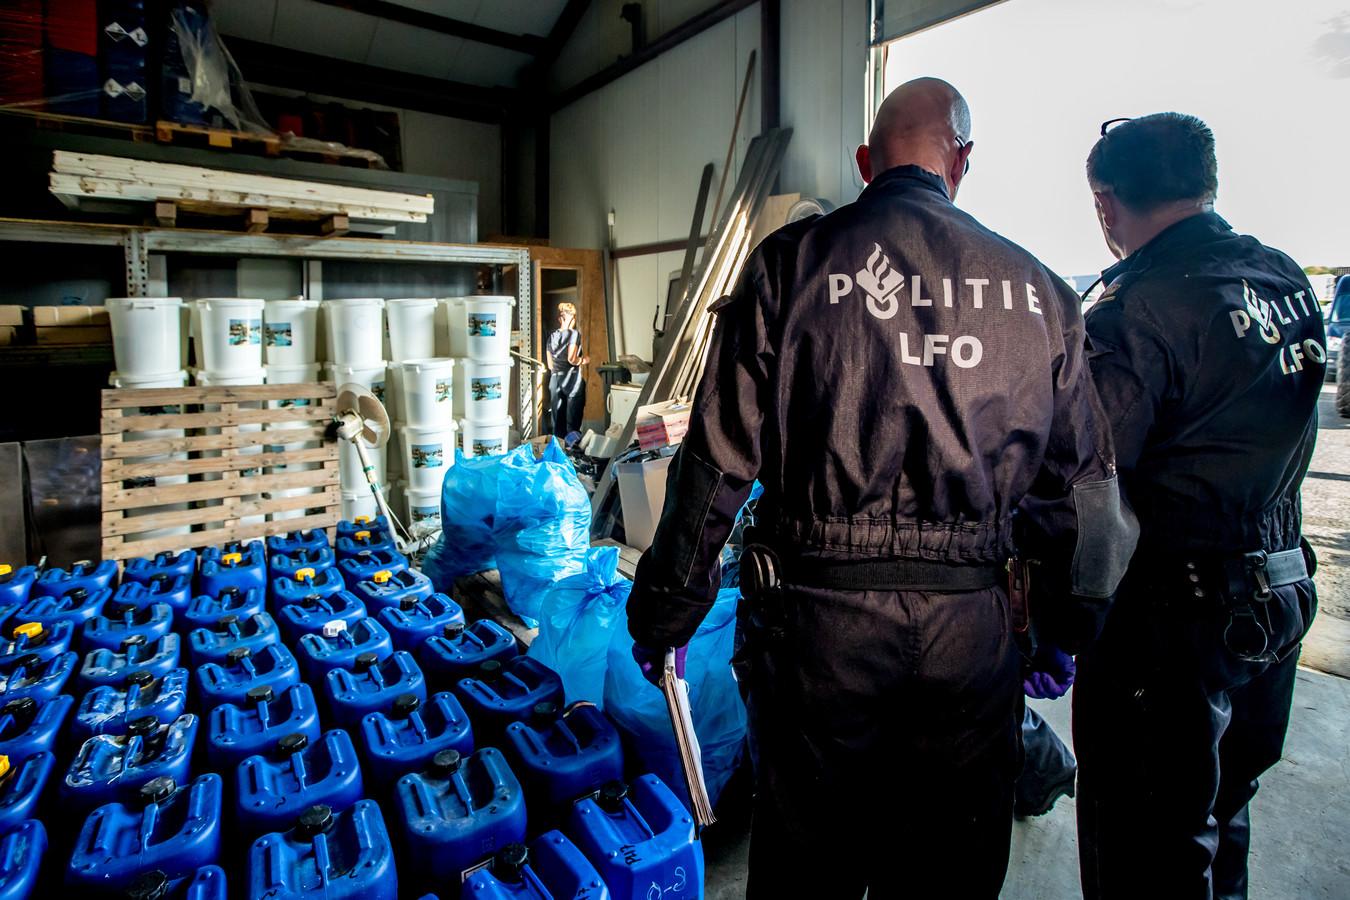 De vondst van een drugslab door de politie.